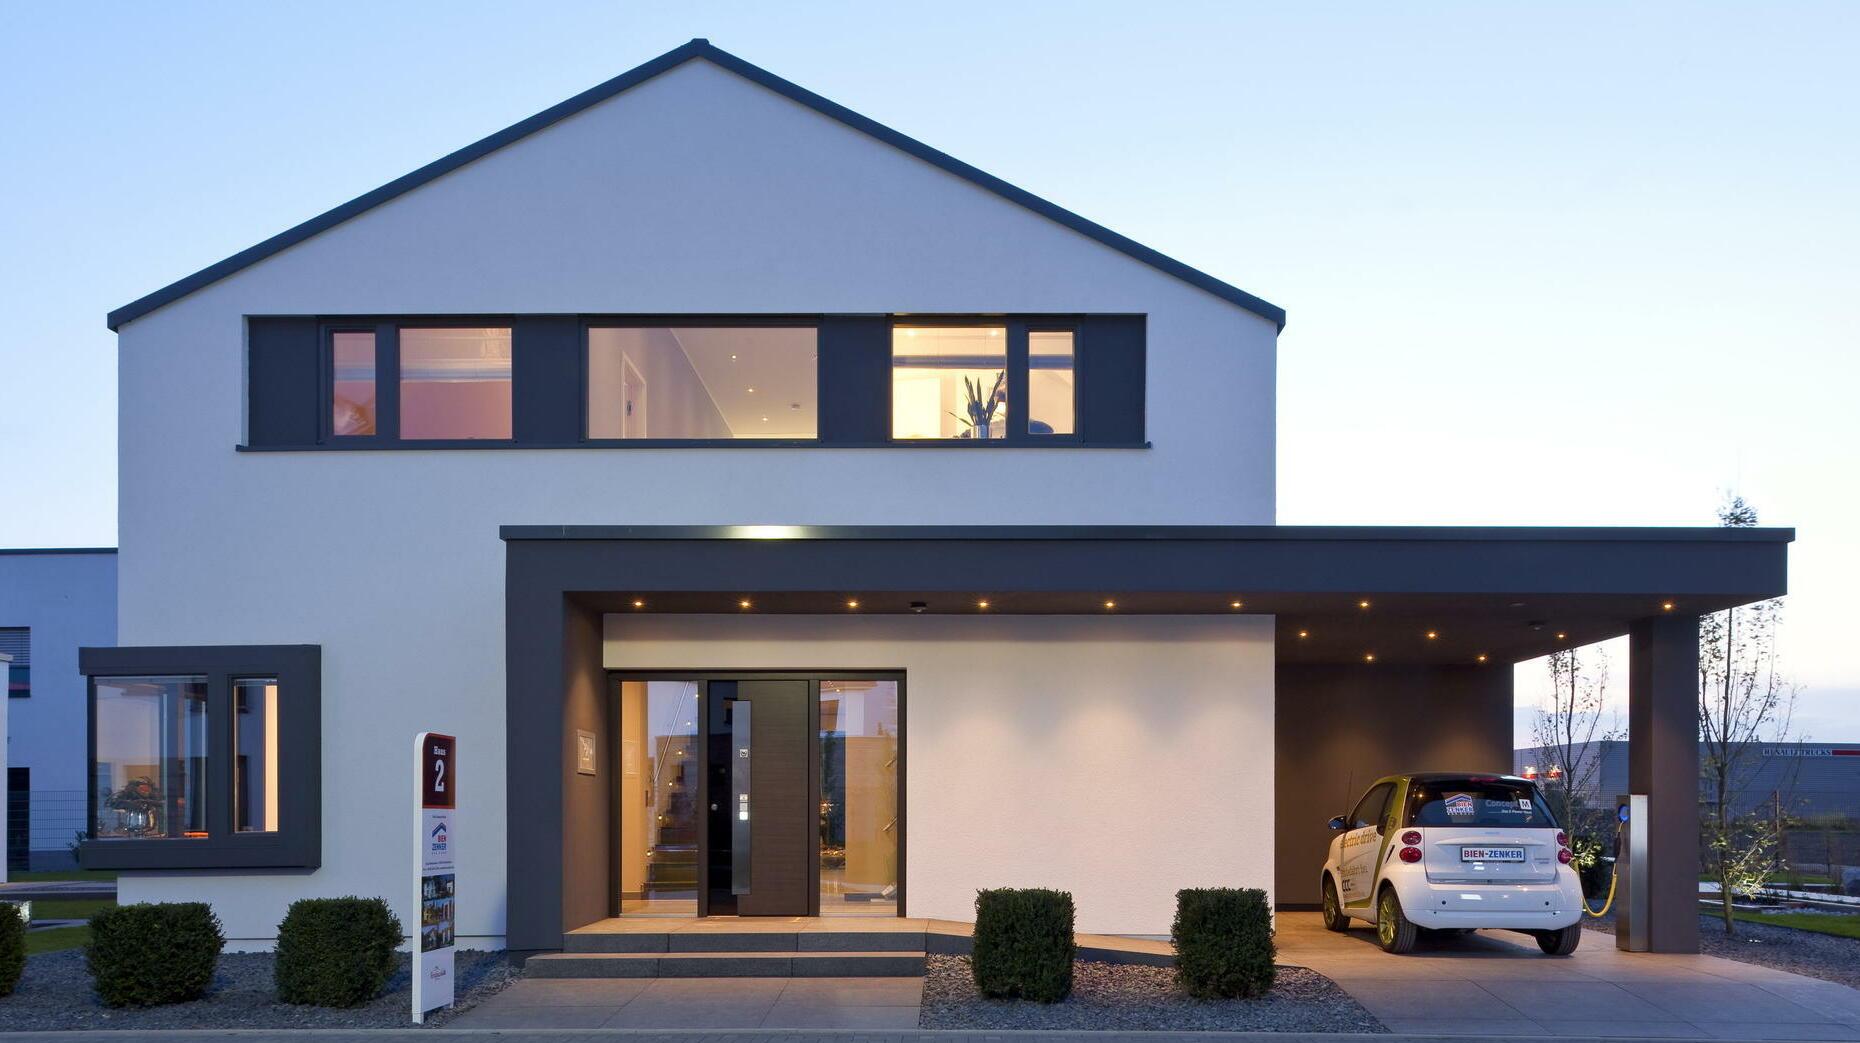 baufinanzierung beim bausparen geht sicherheit vor rendite. Black Bedroom Furniture Sets. Home Design Ideas